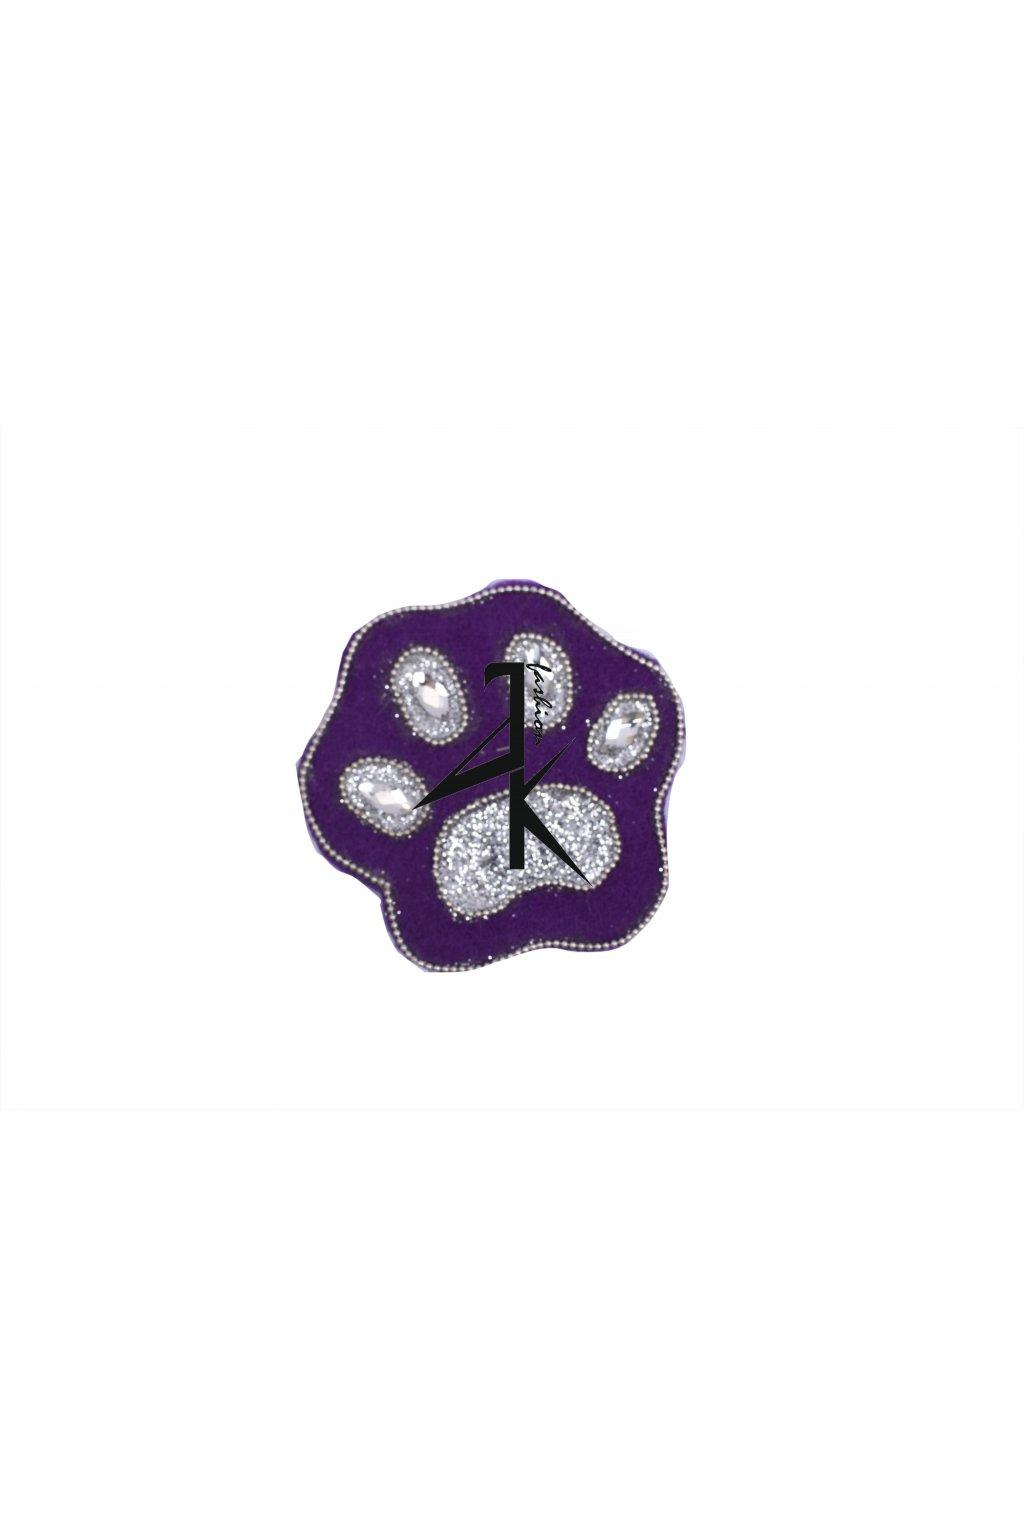 broz tlapka VV fialova